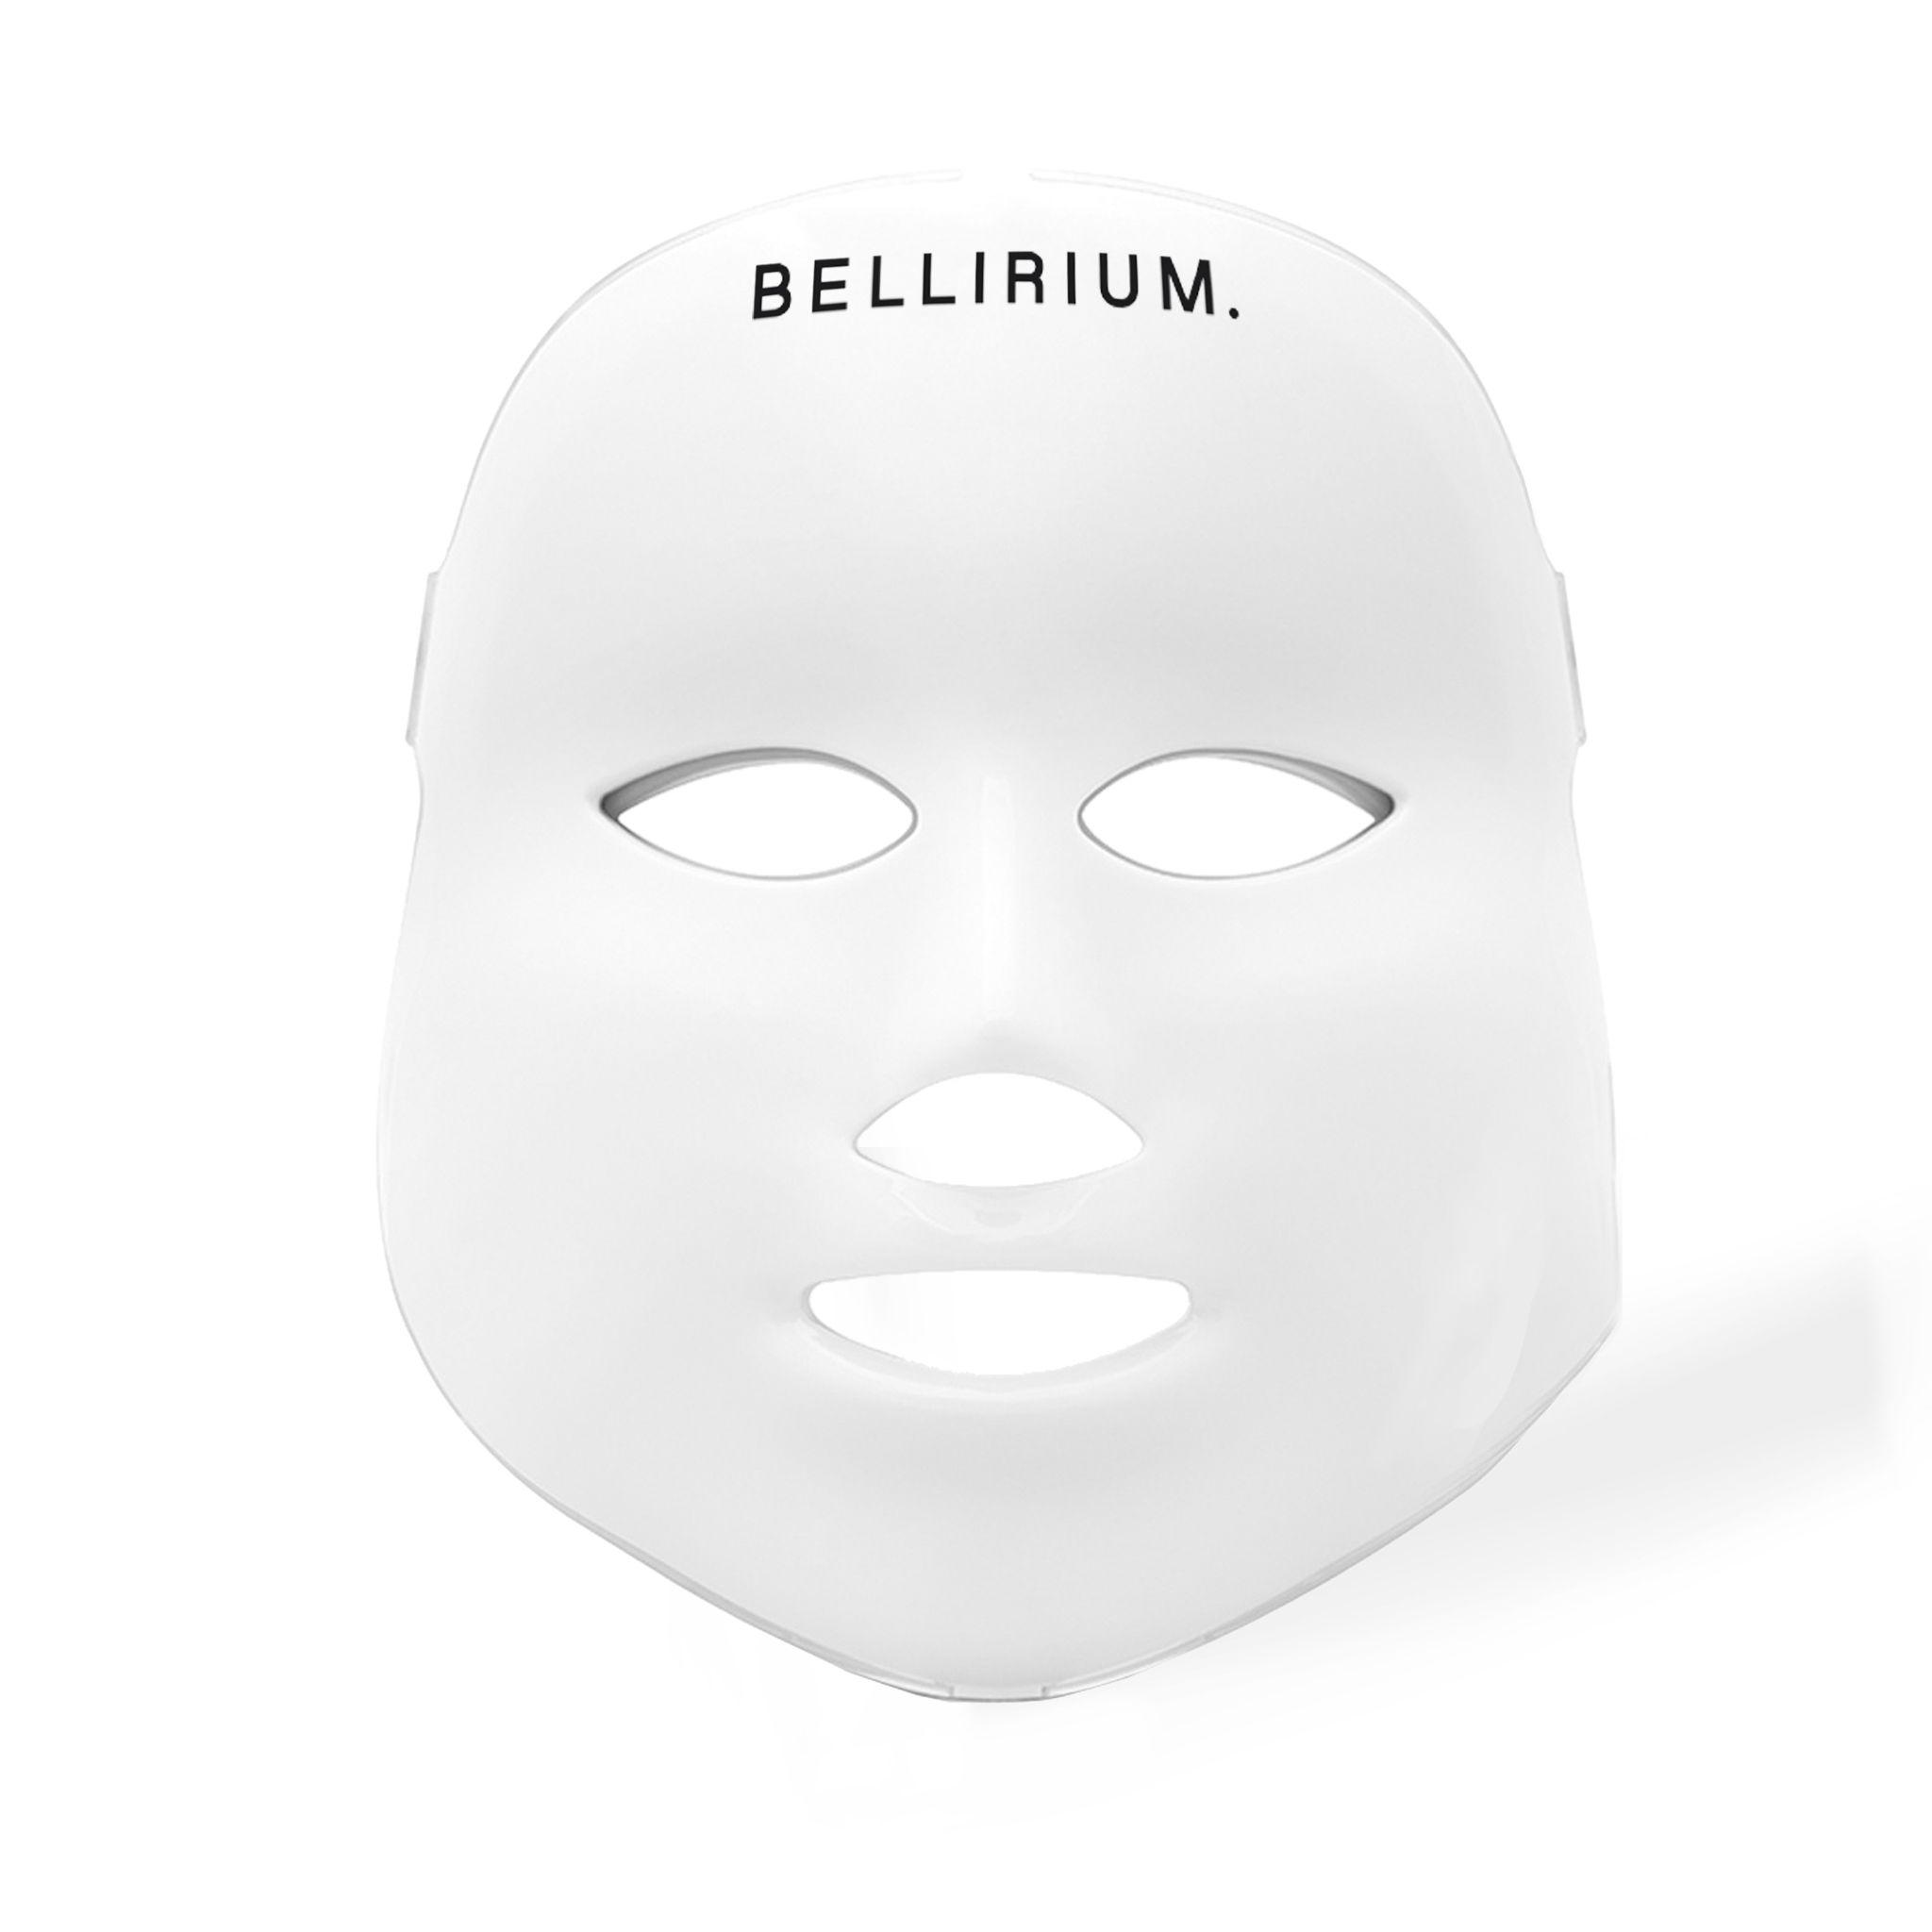 bellirium